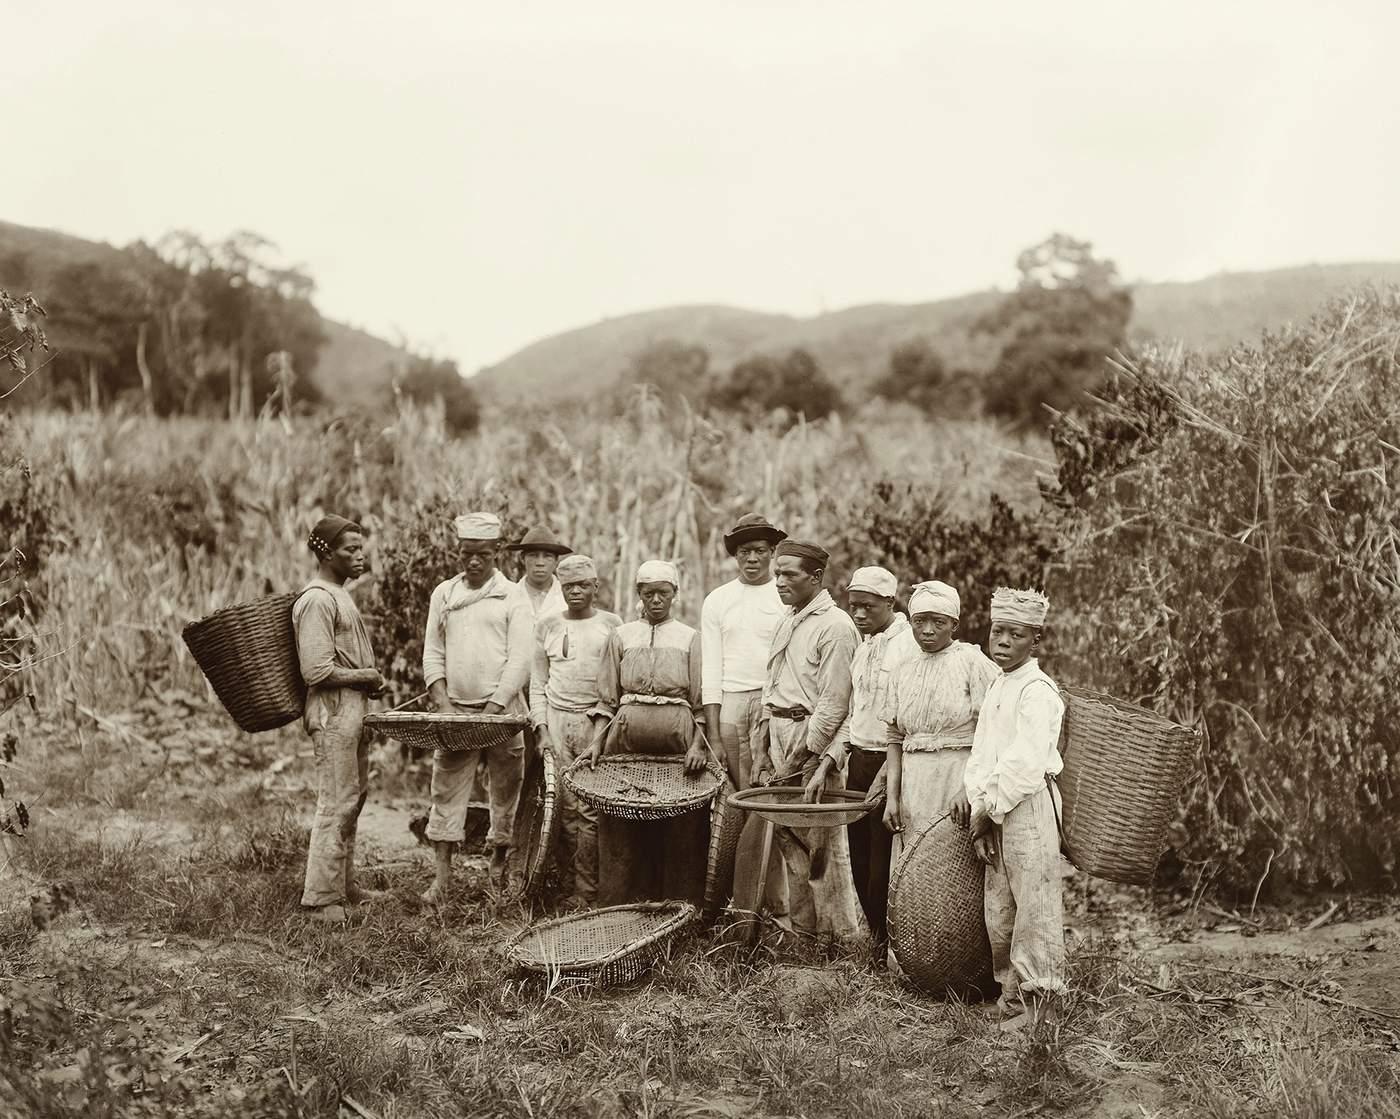 A luta esquecida dos negros pelo fim da escravidão - BBC Brasil ac3937bef95